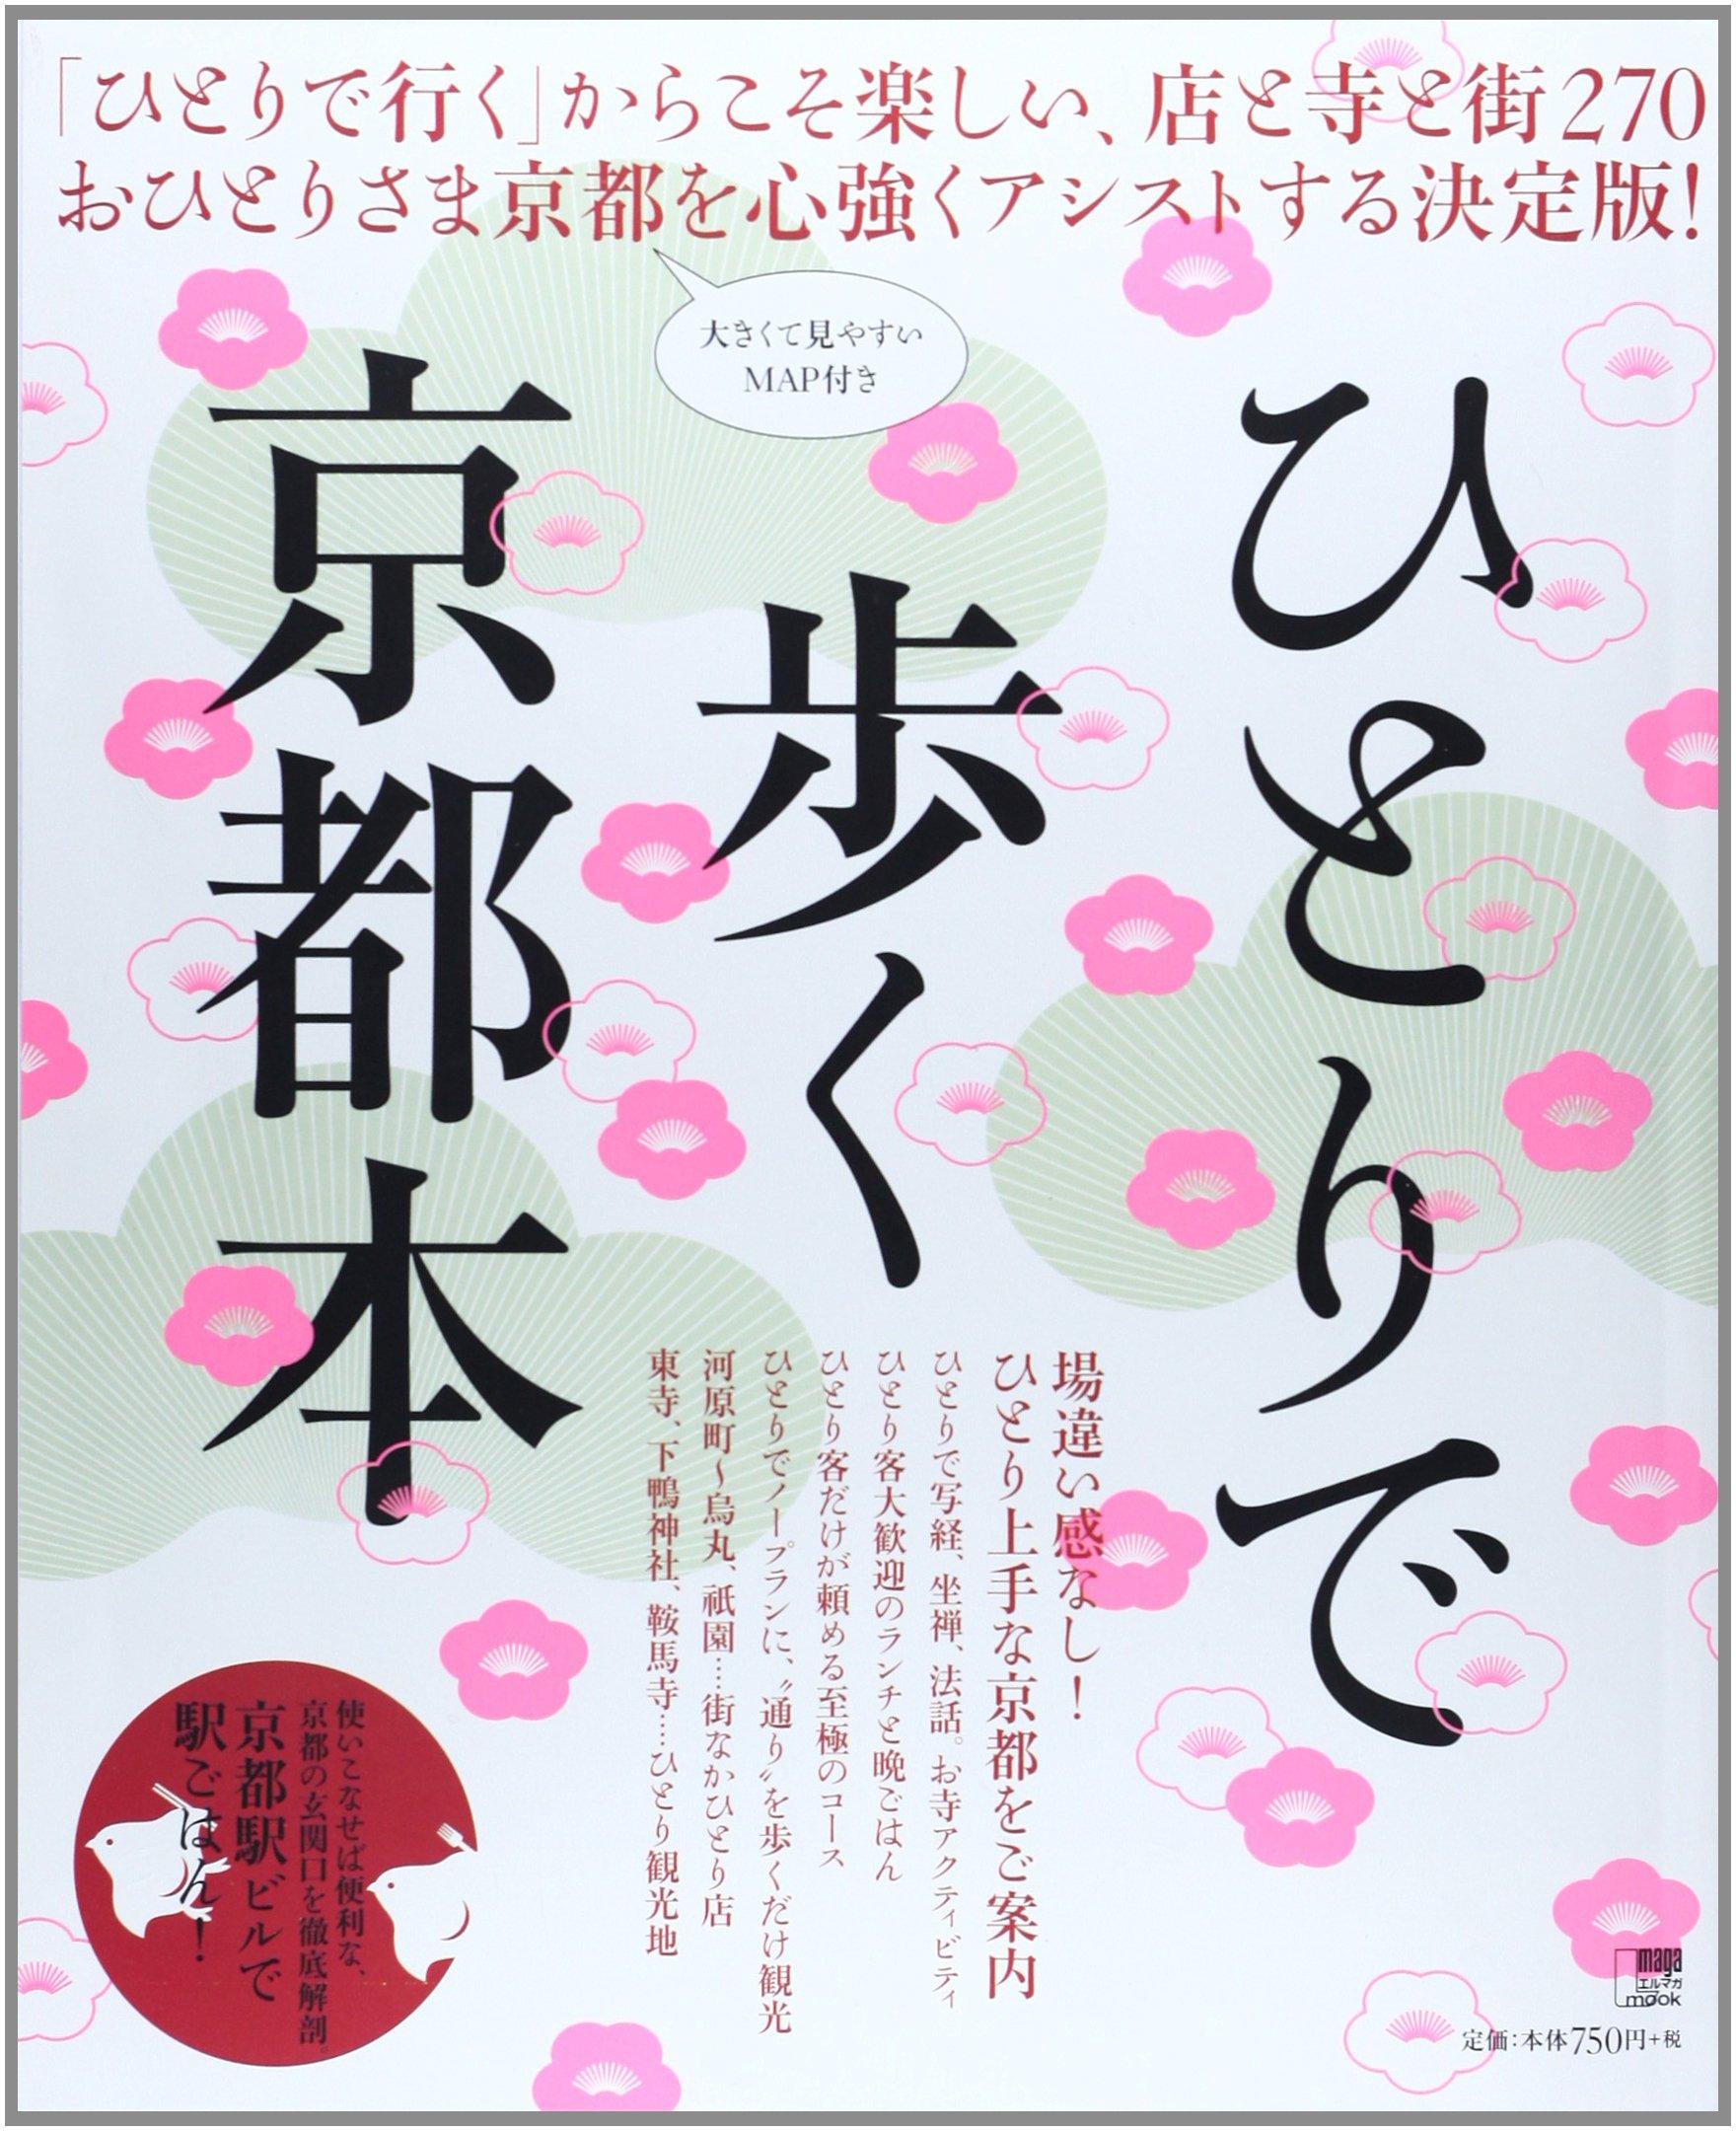 一人で歩く京都本  2014年03月 京阪神エルマガジン社